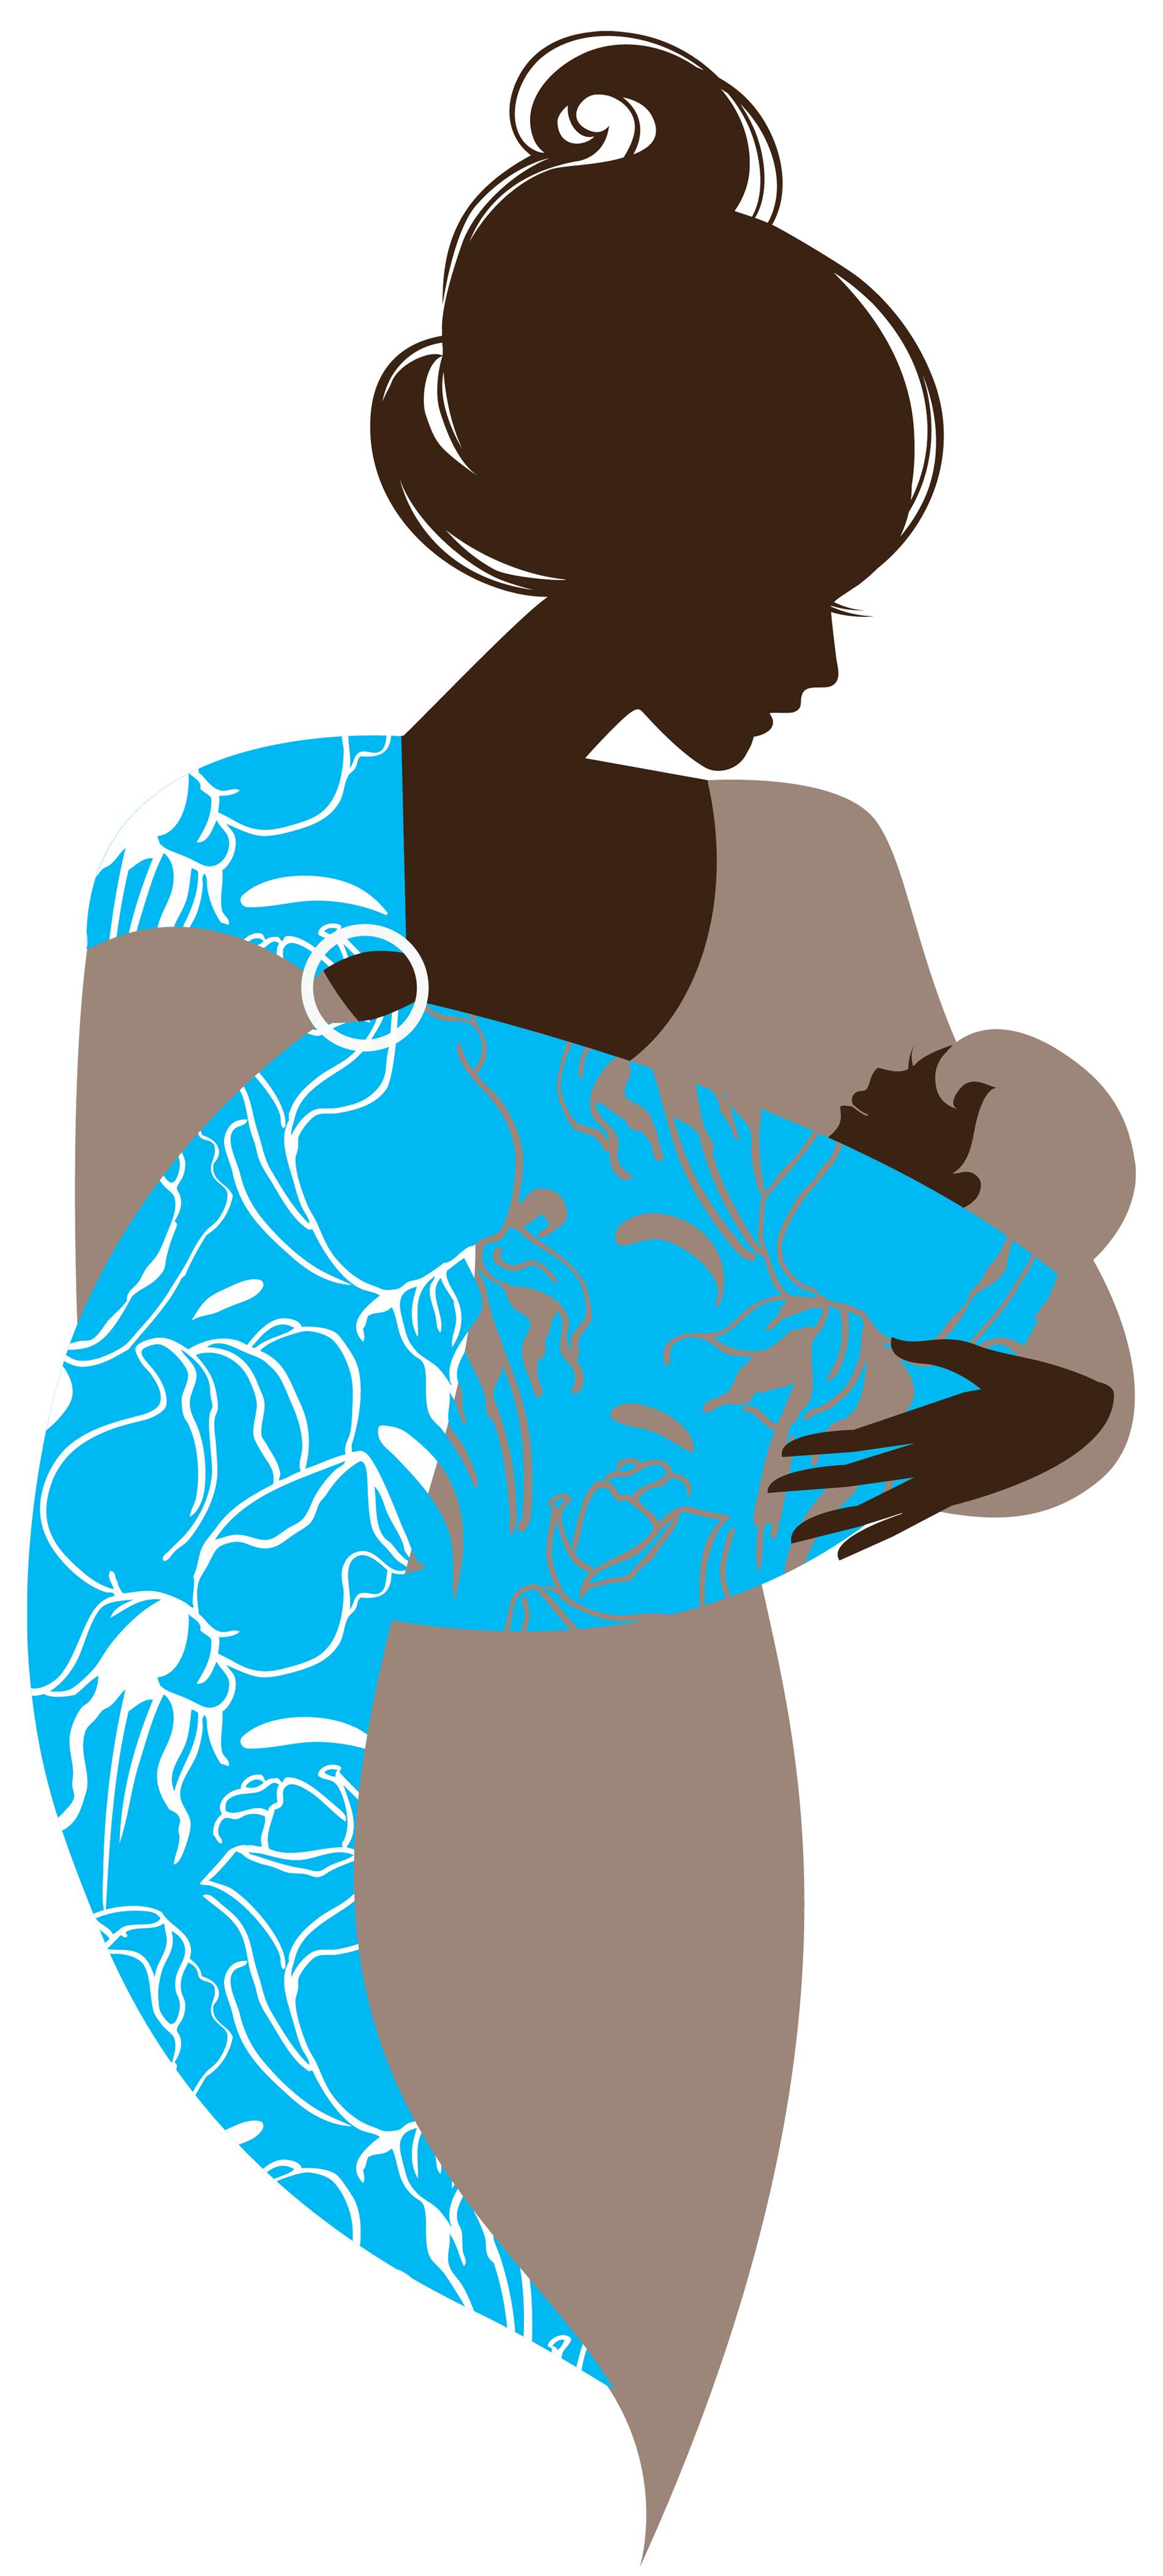 drawing mum & baby in sling.jpg